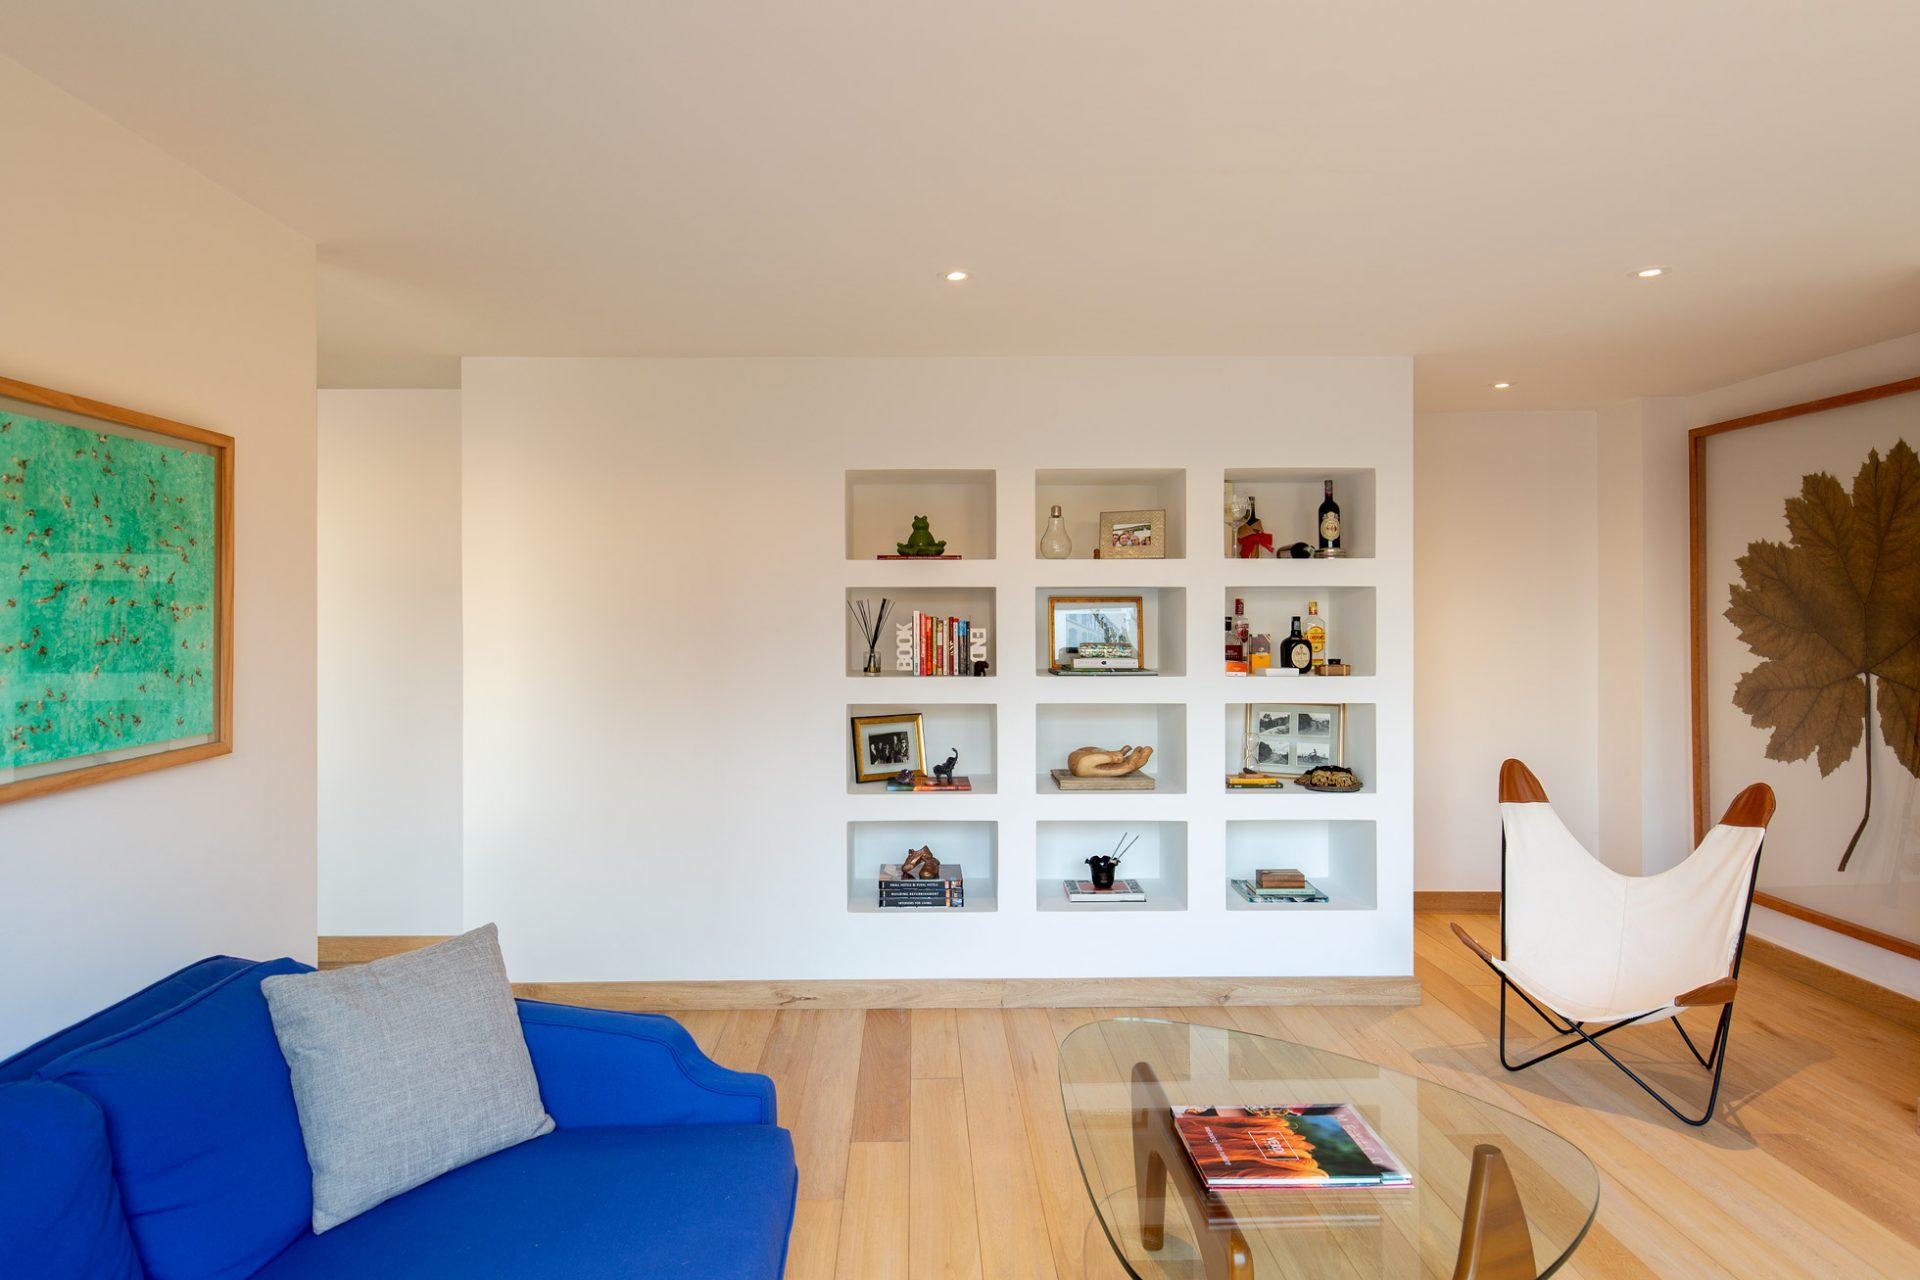 02.studiomanrique.simonbosch.photography.bogota.interior.duquearquitectura